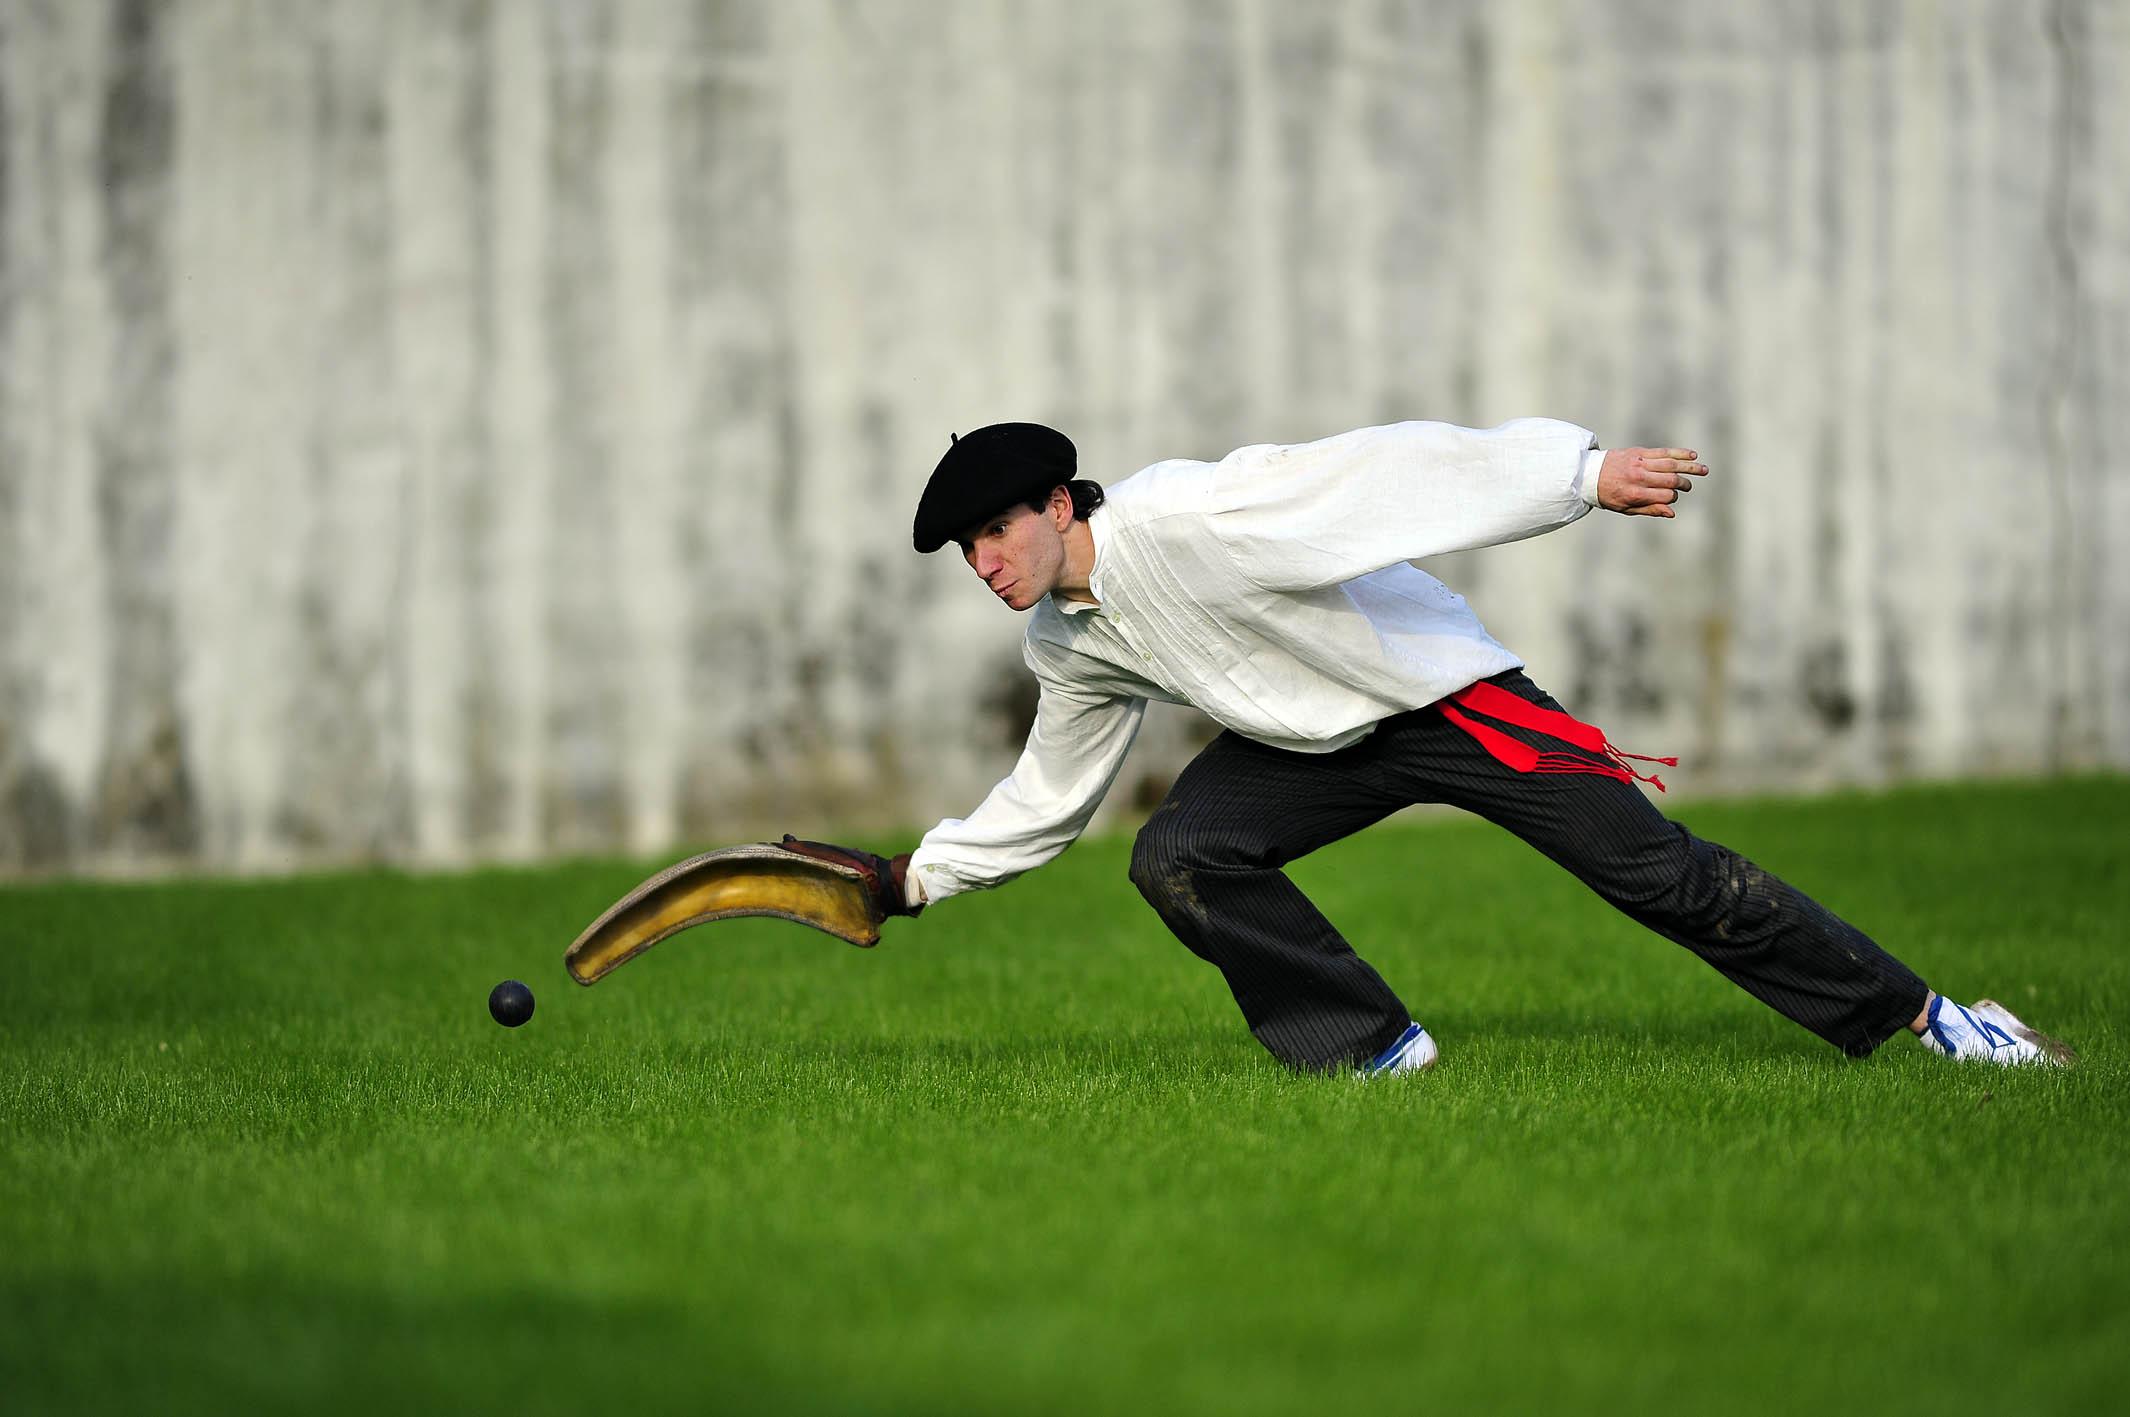 Pelotajáték baszk módra